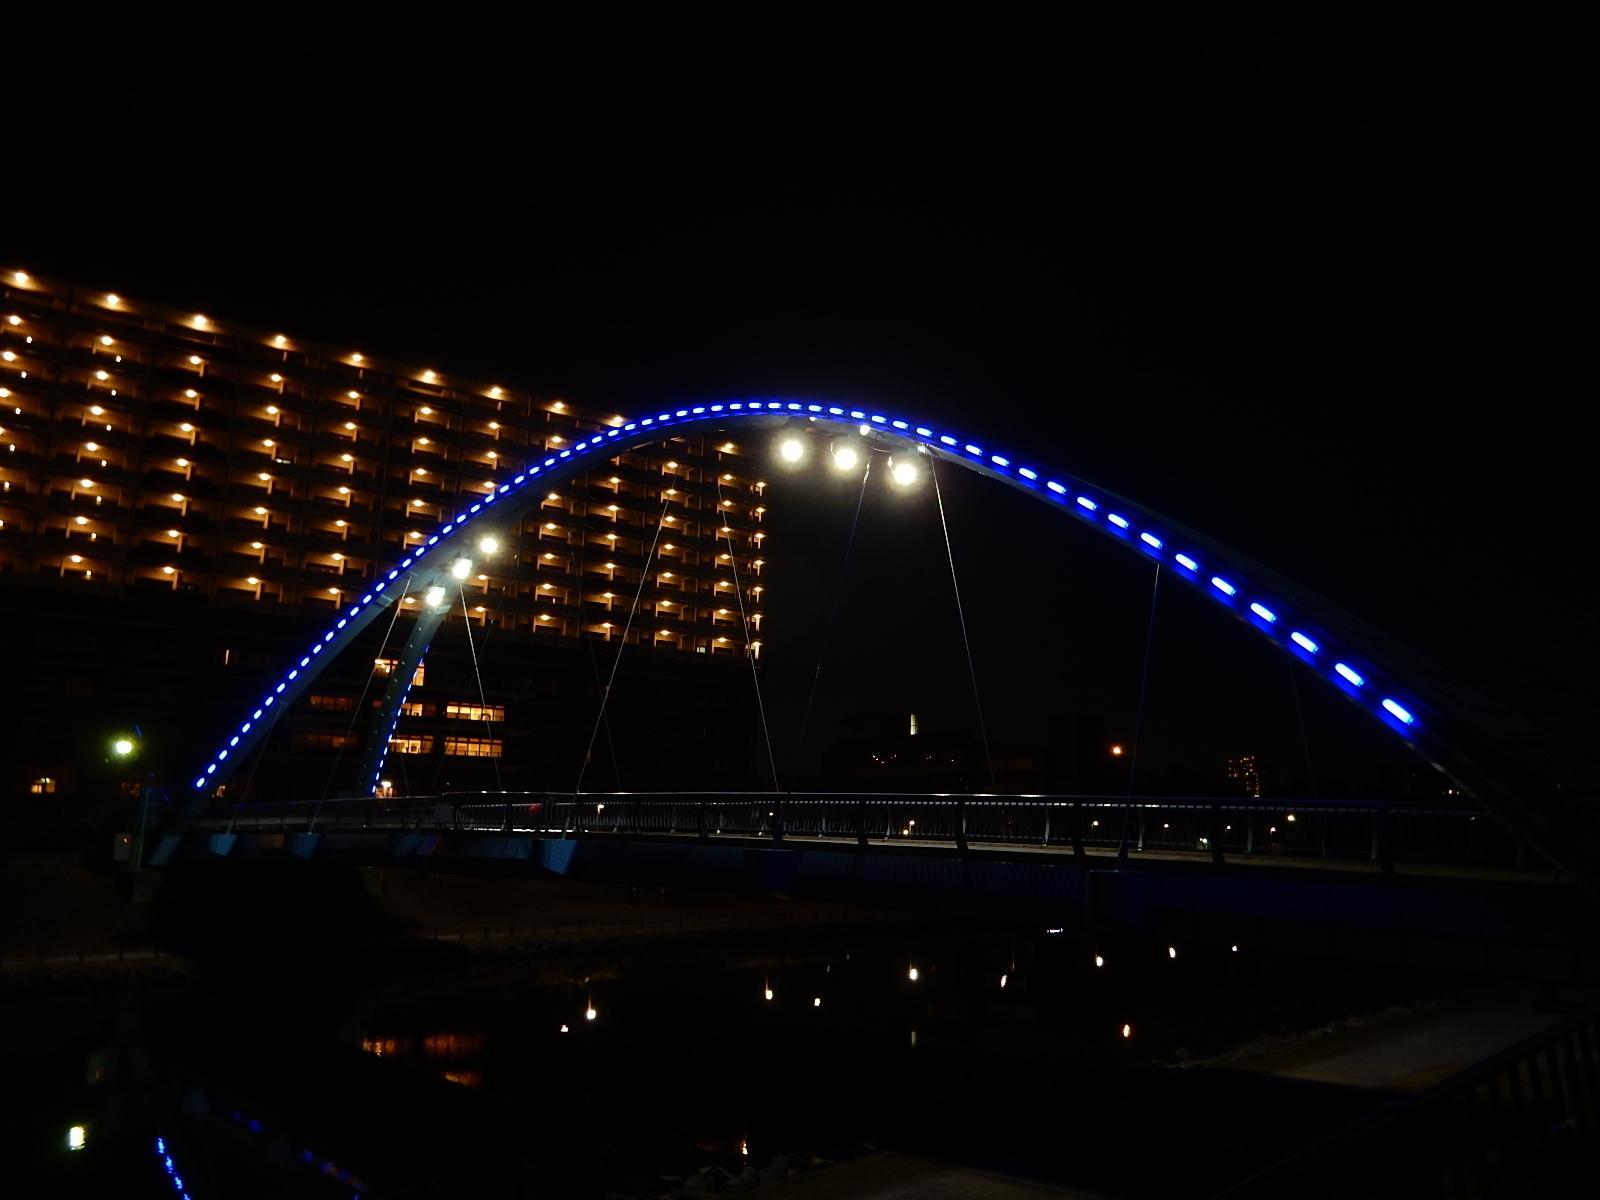 真夜中の照明を灯したふれあい橋1